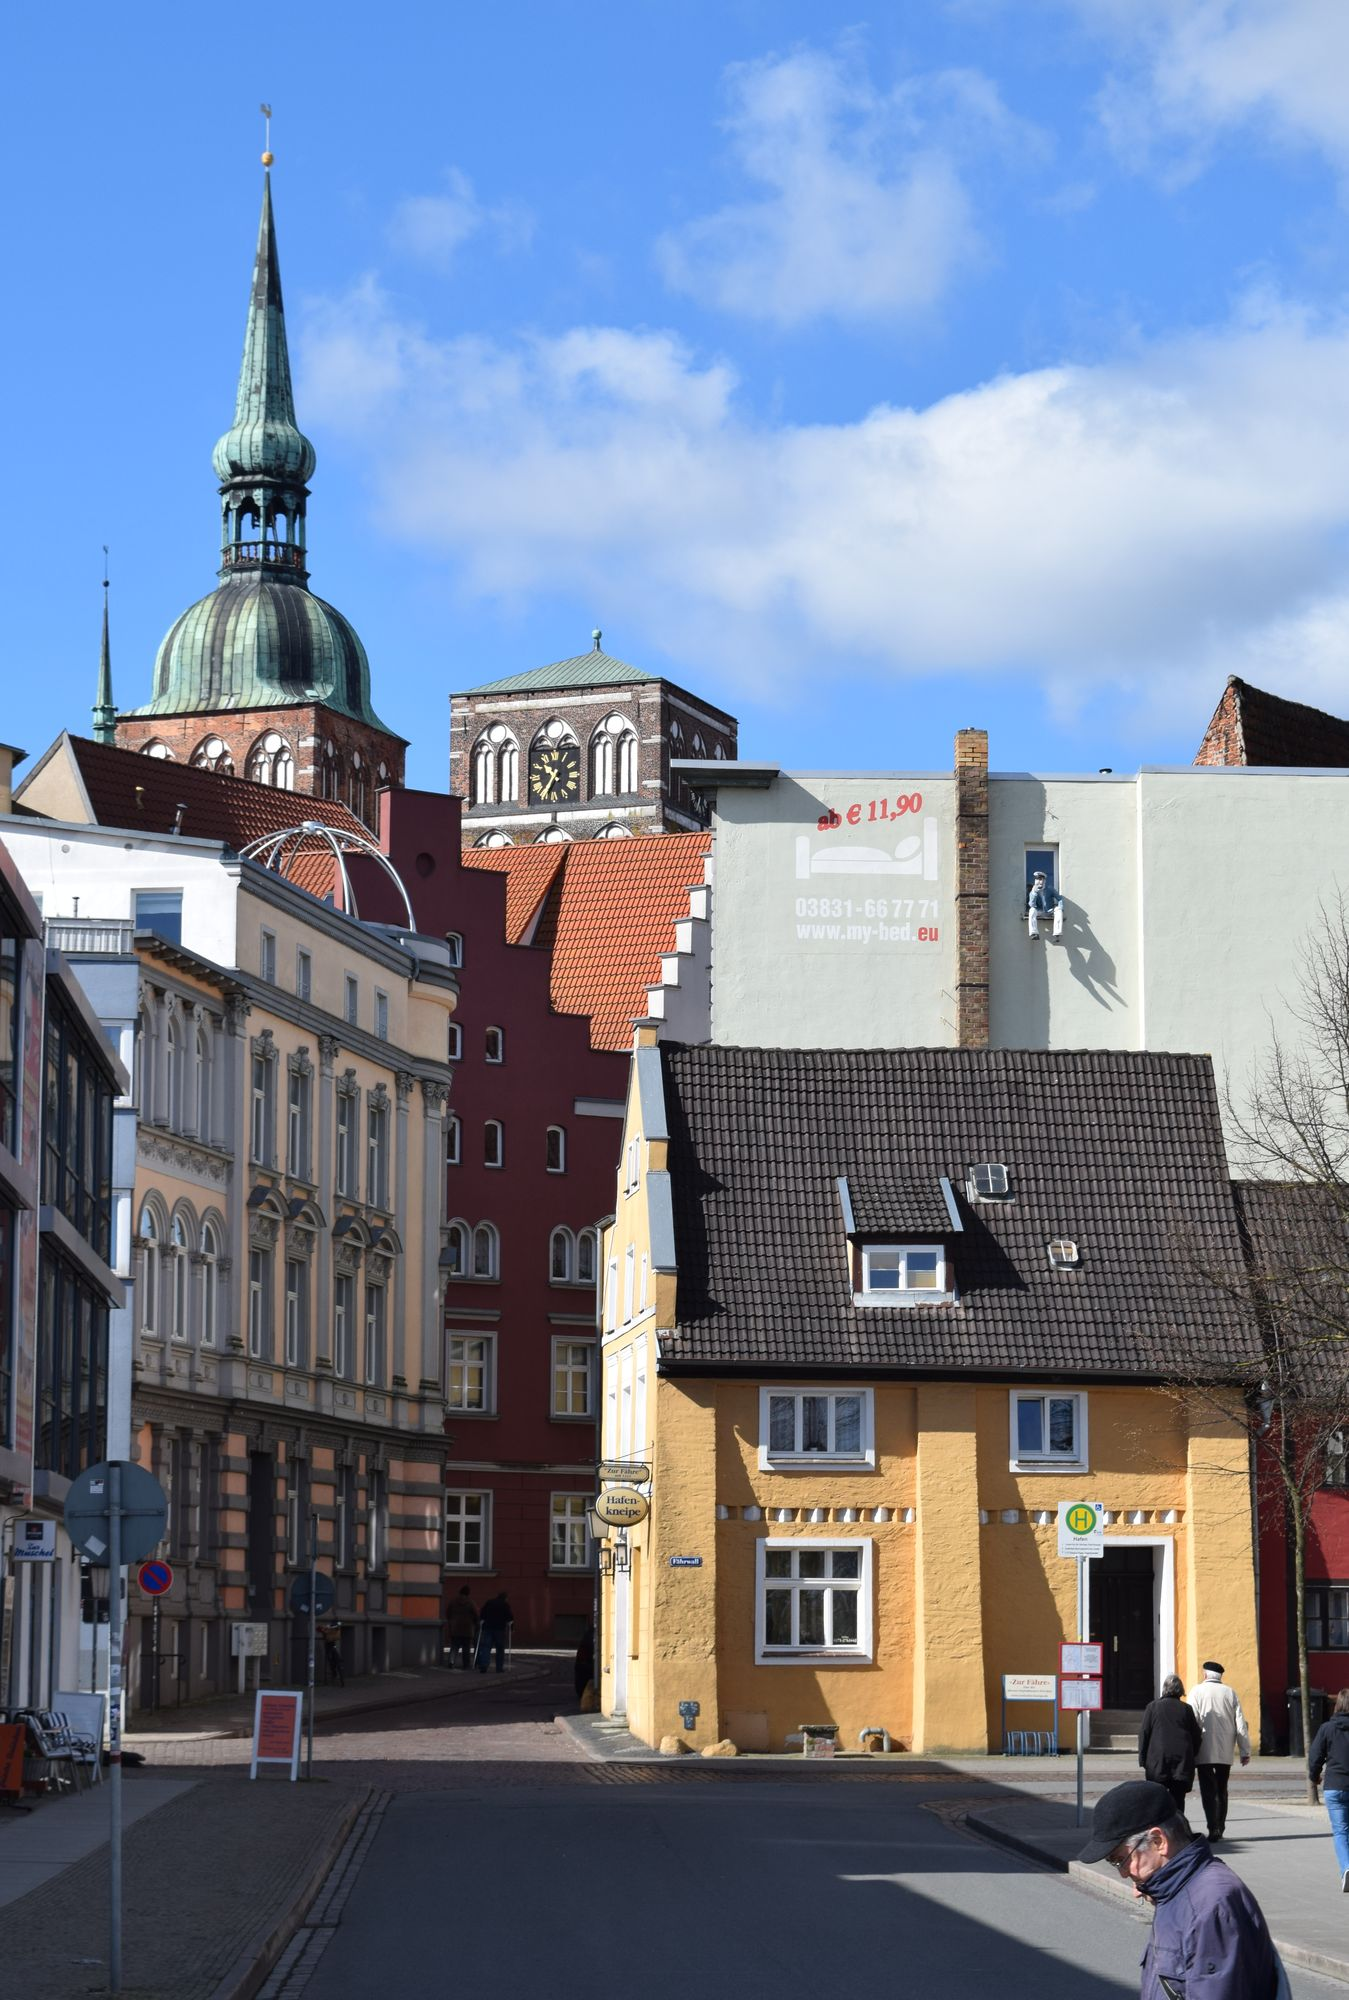 """Hamnpubben """"Zur Fähre"""" från 1332 är en av världens äldsta. Gatans svängda form och den oregelbundna gatukorsningen längre fram begränsar synfältet."""